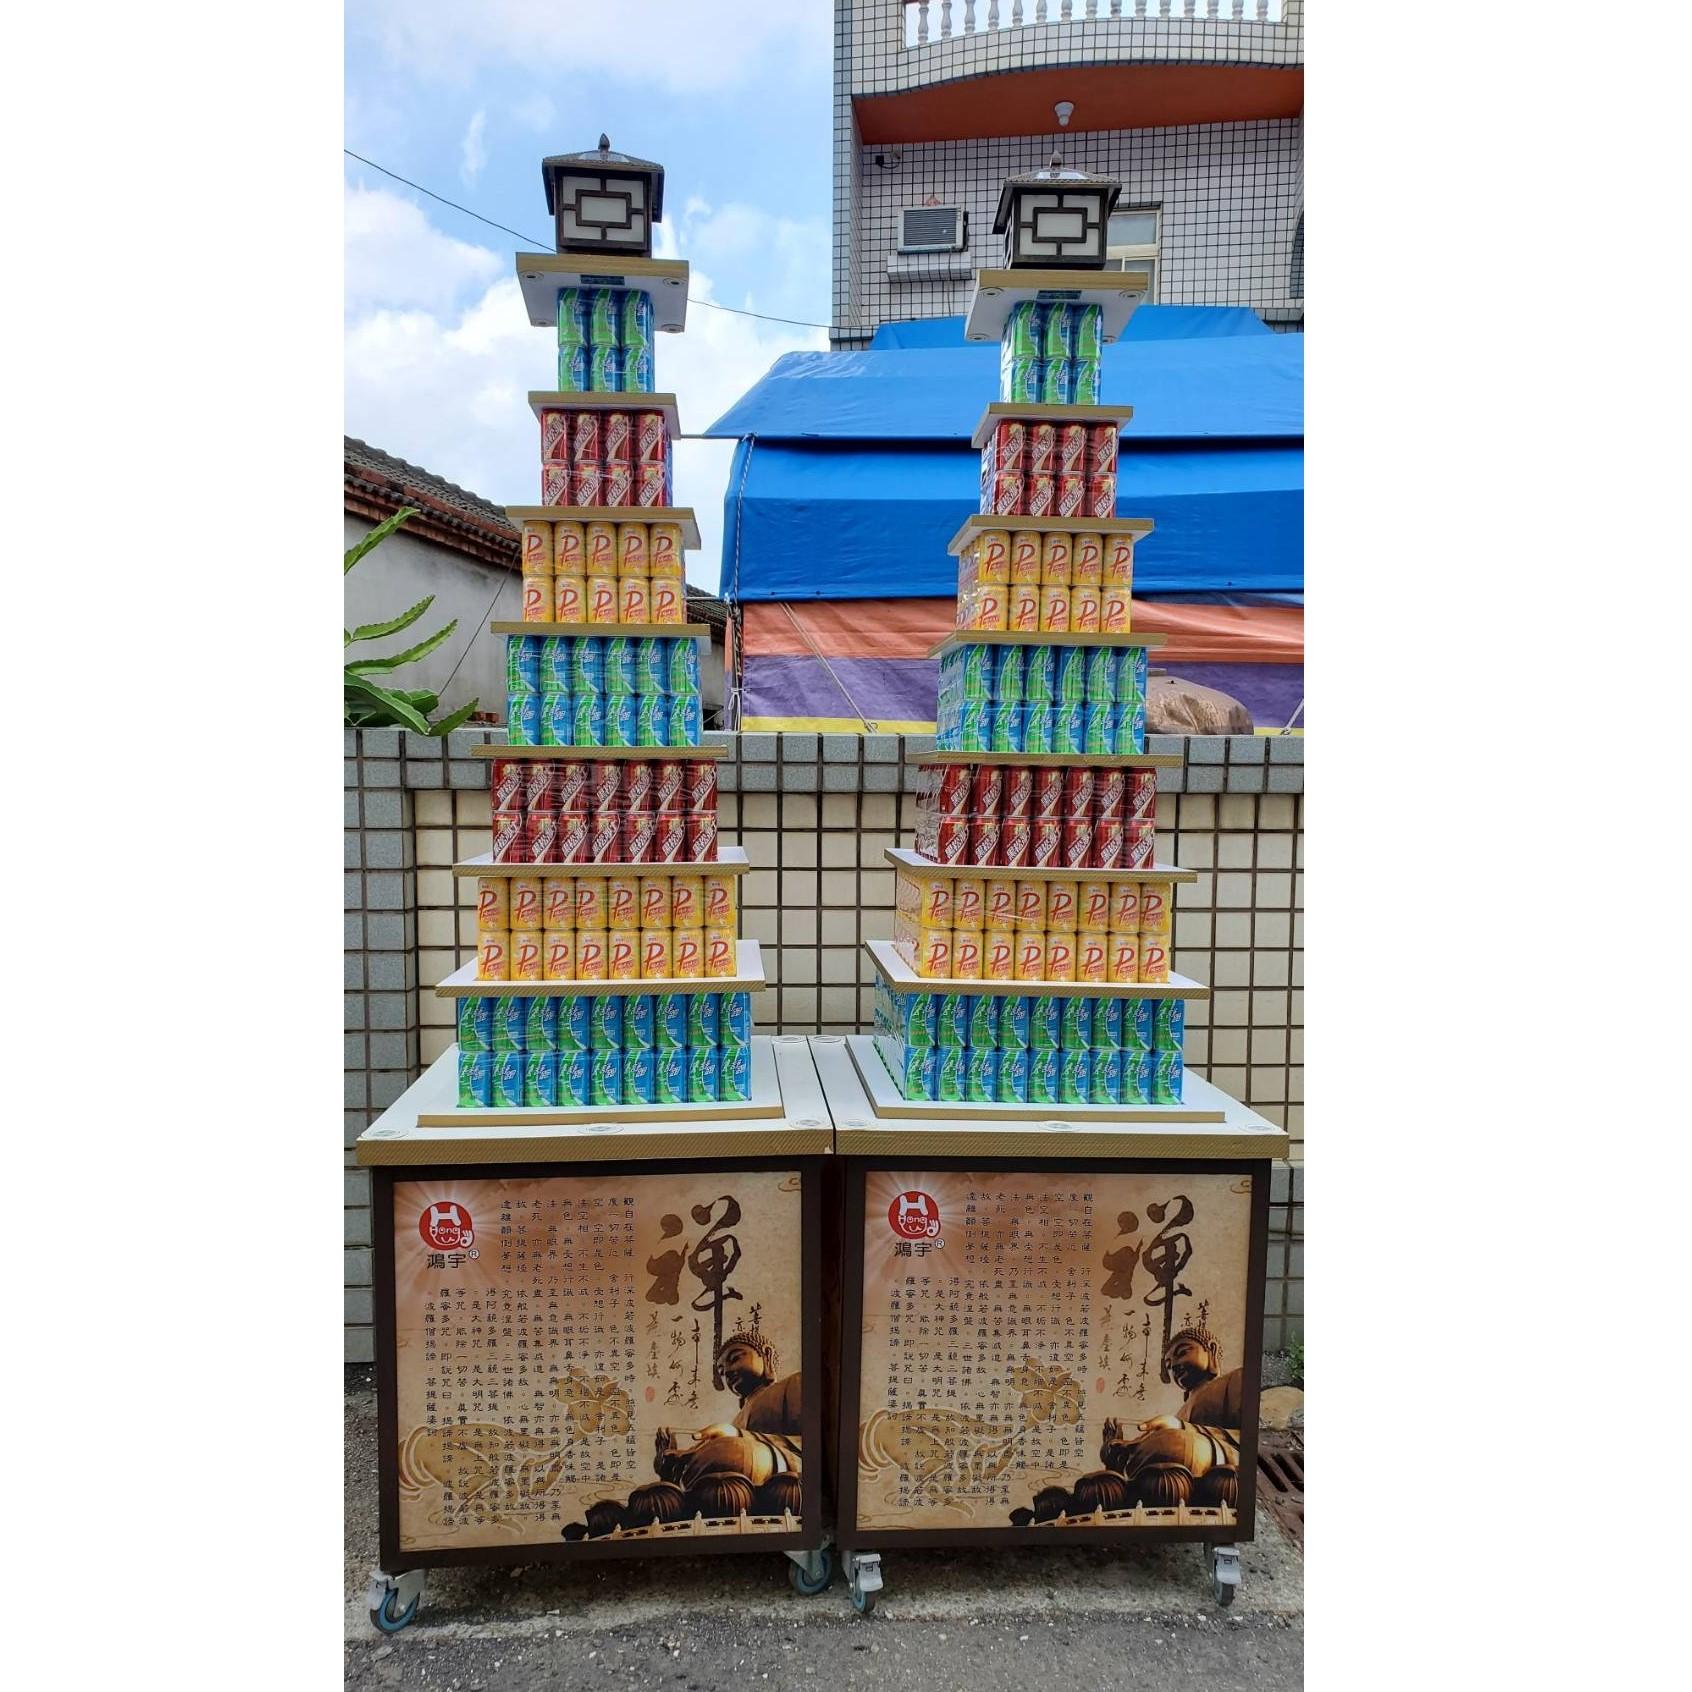 7層大品牌560罐燈光塔